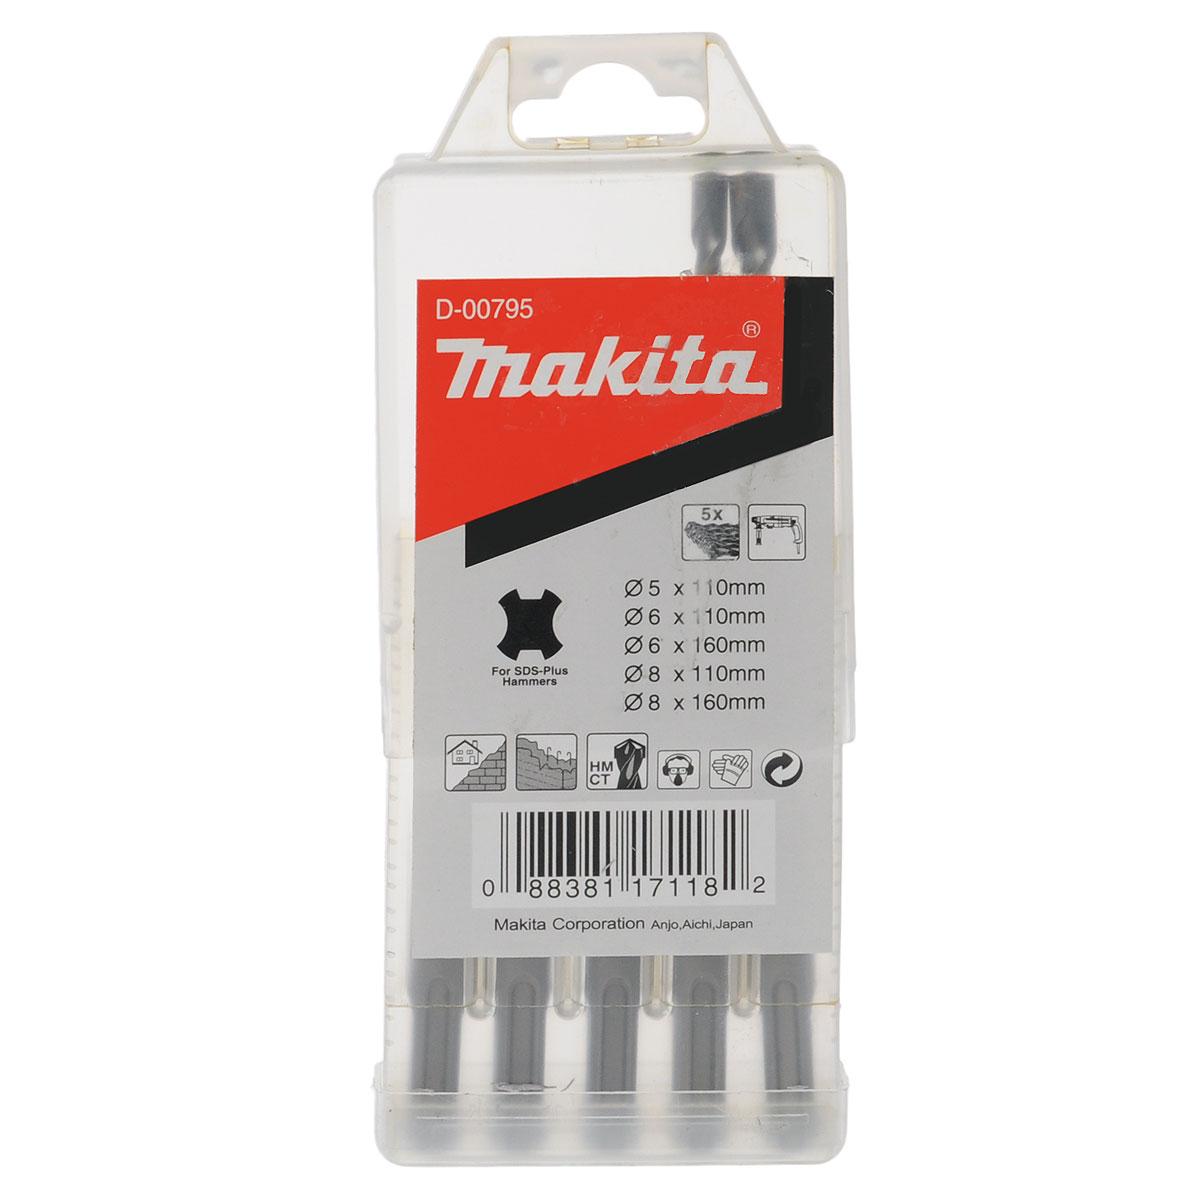 Набор буров Makita, 5 шт153679Набор буров используются для просверливания отверстий в твердом материале (бетонная стена, кирпичная кладка и т.д.). Хвостовик SDS-plus. В набор входят 5 буров разного диаметра и длины: 5 мм х 110 мм, 6 мм х 110 мм, 6 мм х 160 мм, 8 мм х 110 мм, 8 мм х 160 мм.